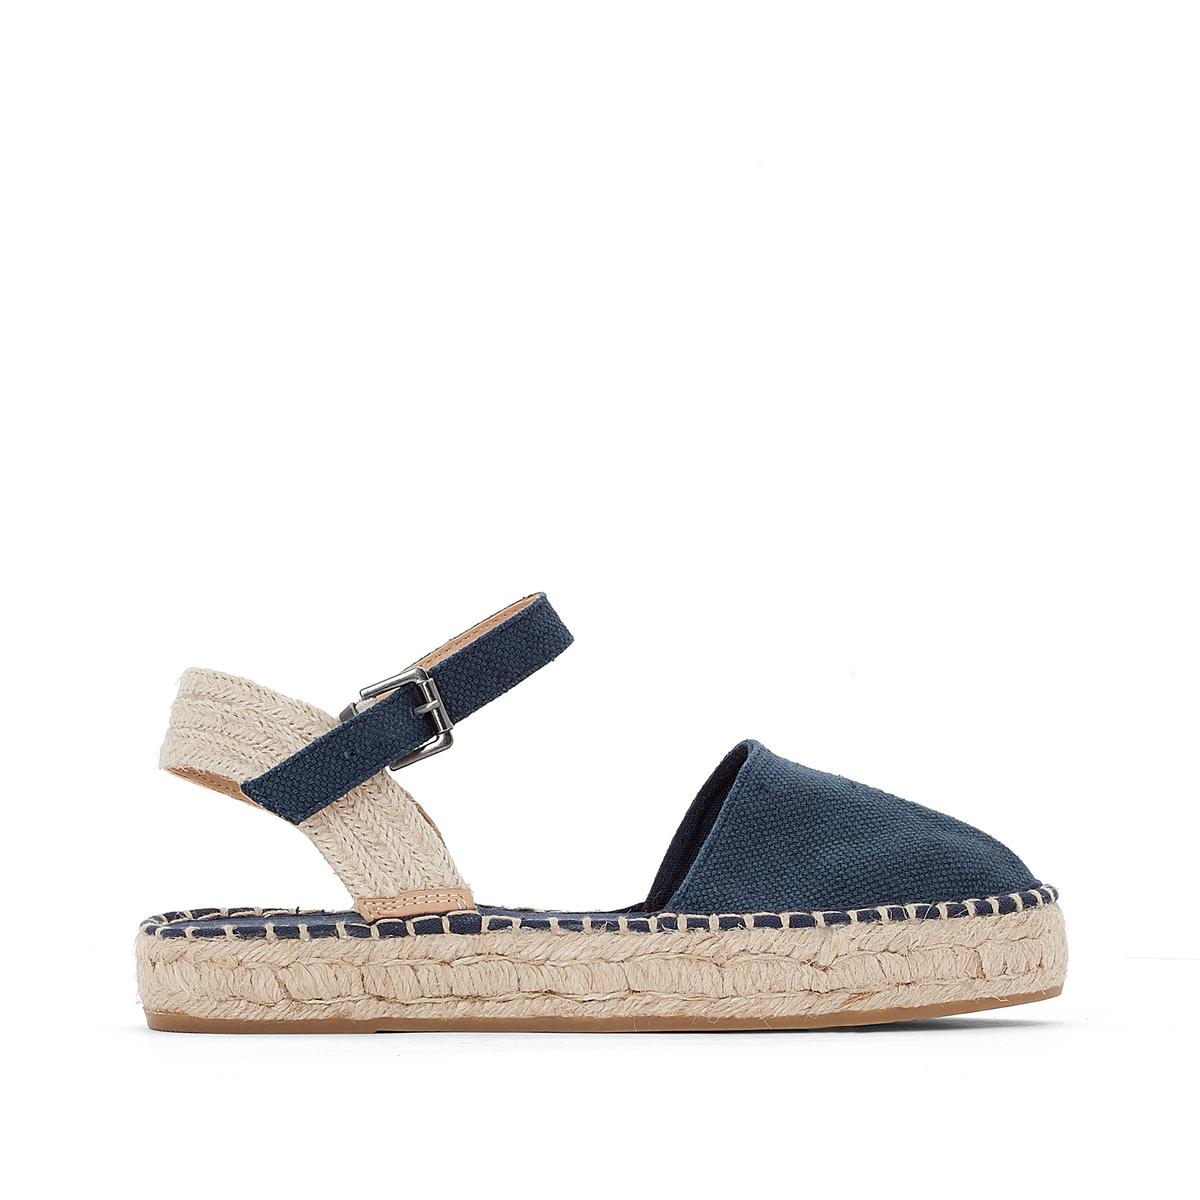 Туфли полотняные OliviaВерх: хлопок.Стелька:Подошва:     Высота каблука: 2 см.Форма каблука: плоский каблук.Мысок: закругленный.Застежка: пряжка.<br><br>Цвет: синий морской<br>Размер: 40